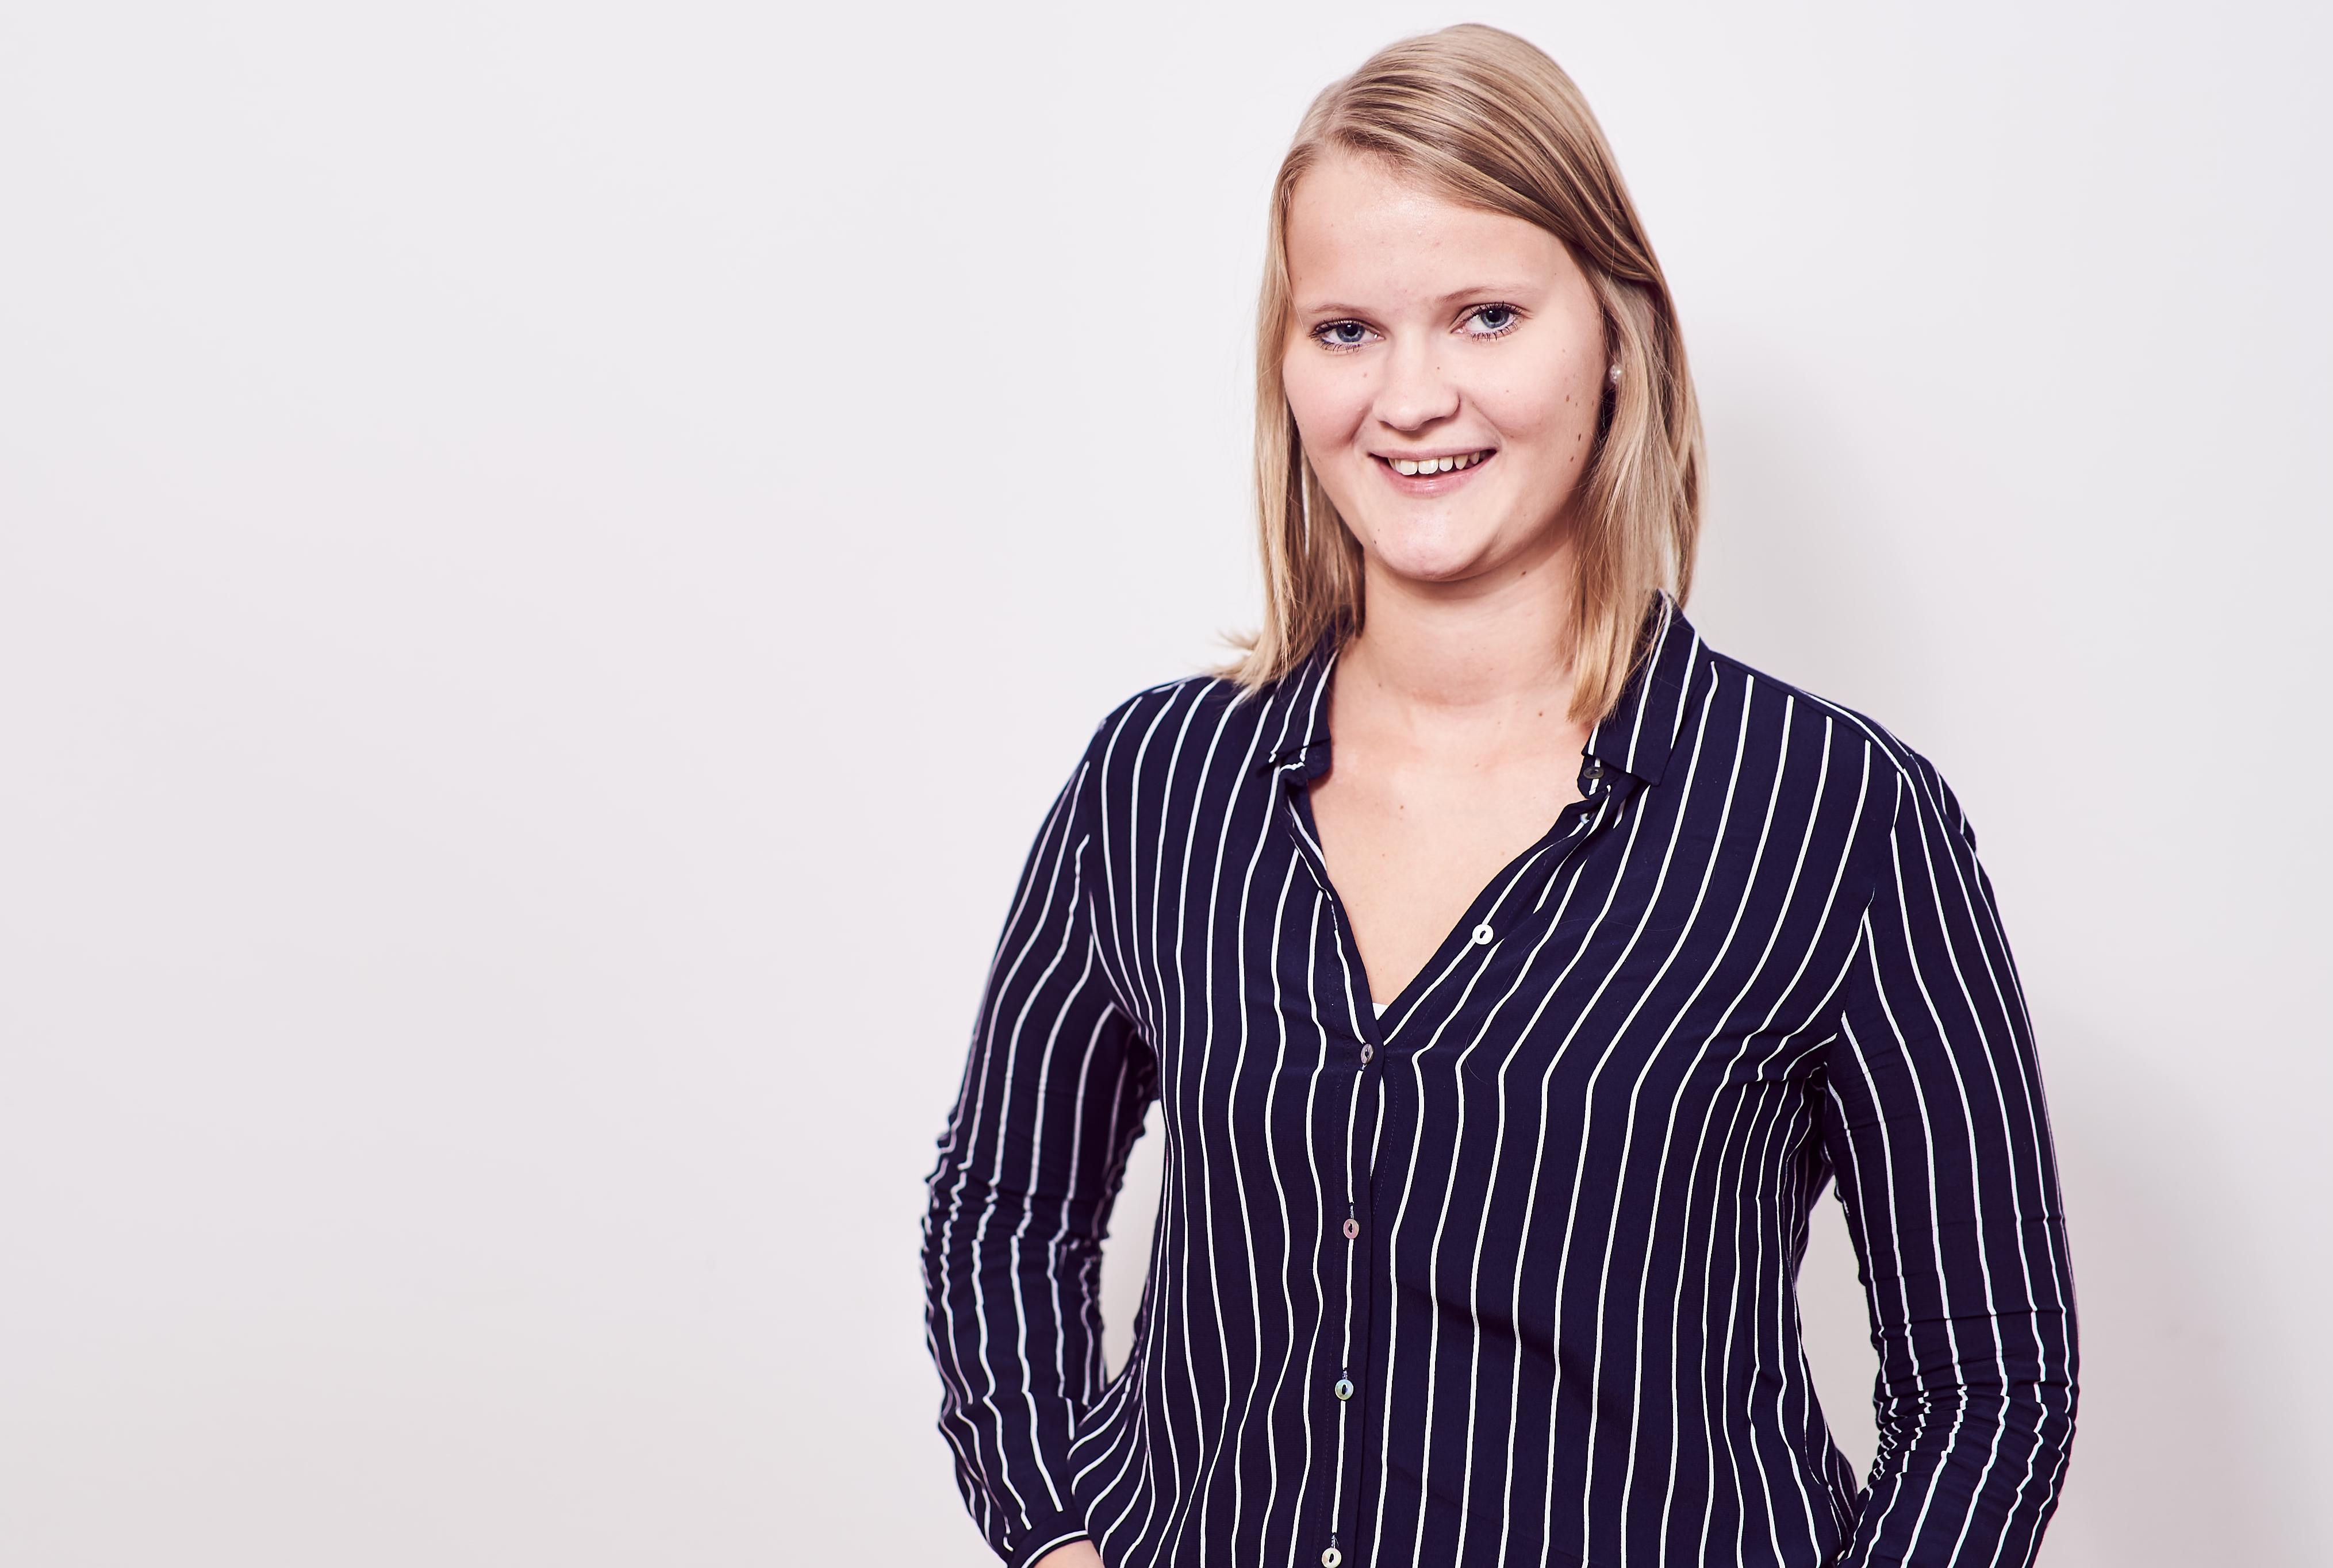 Katrin Schmalzbauer